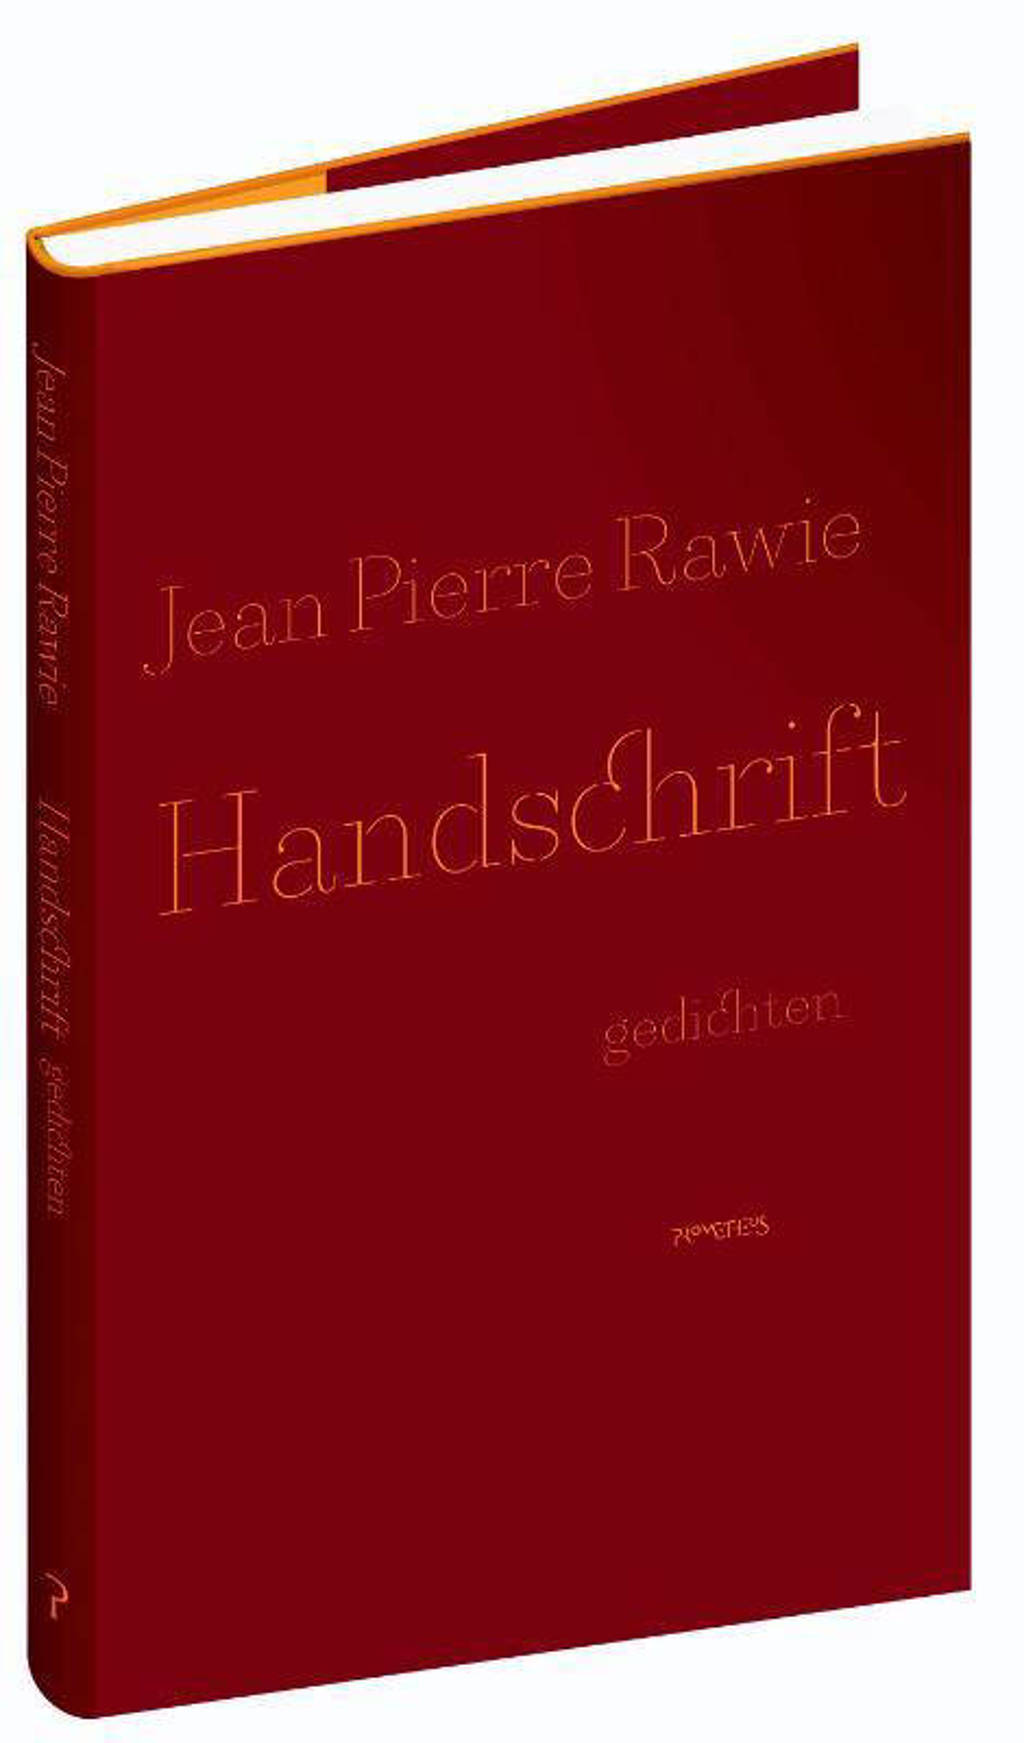 Handschrift - Jean Pierre Rawie